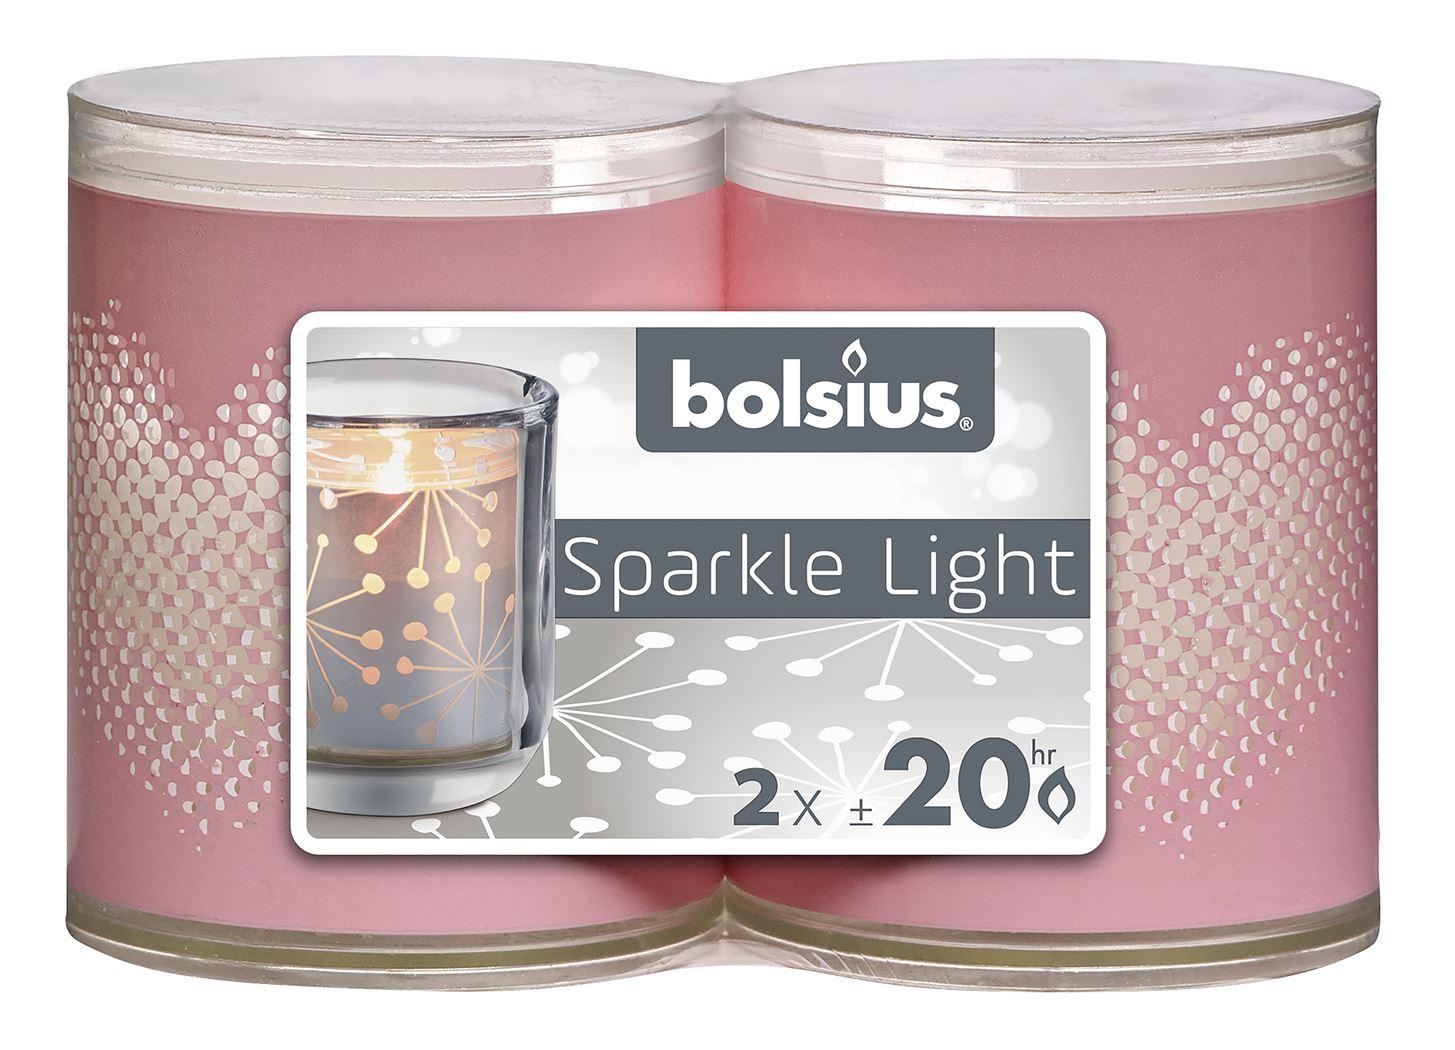 bolsius sparkle light heart roze - wit (2sts)